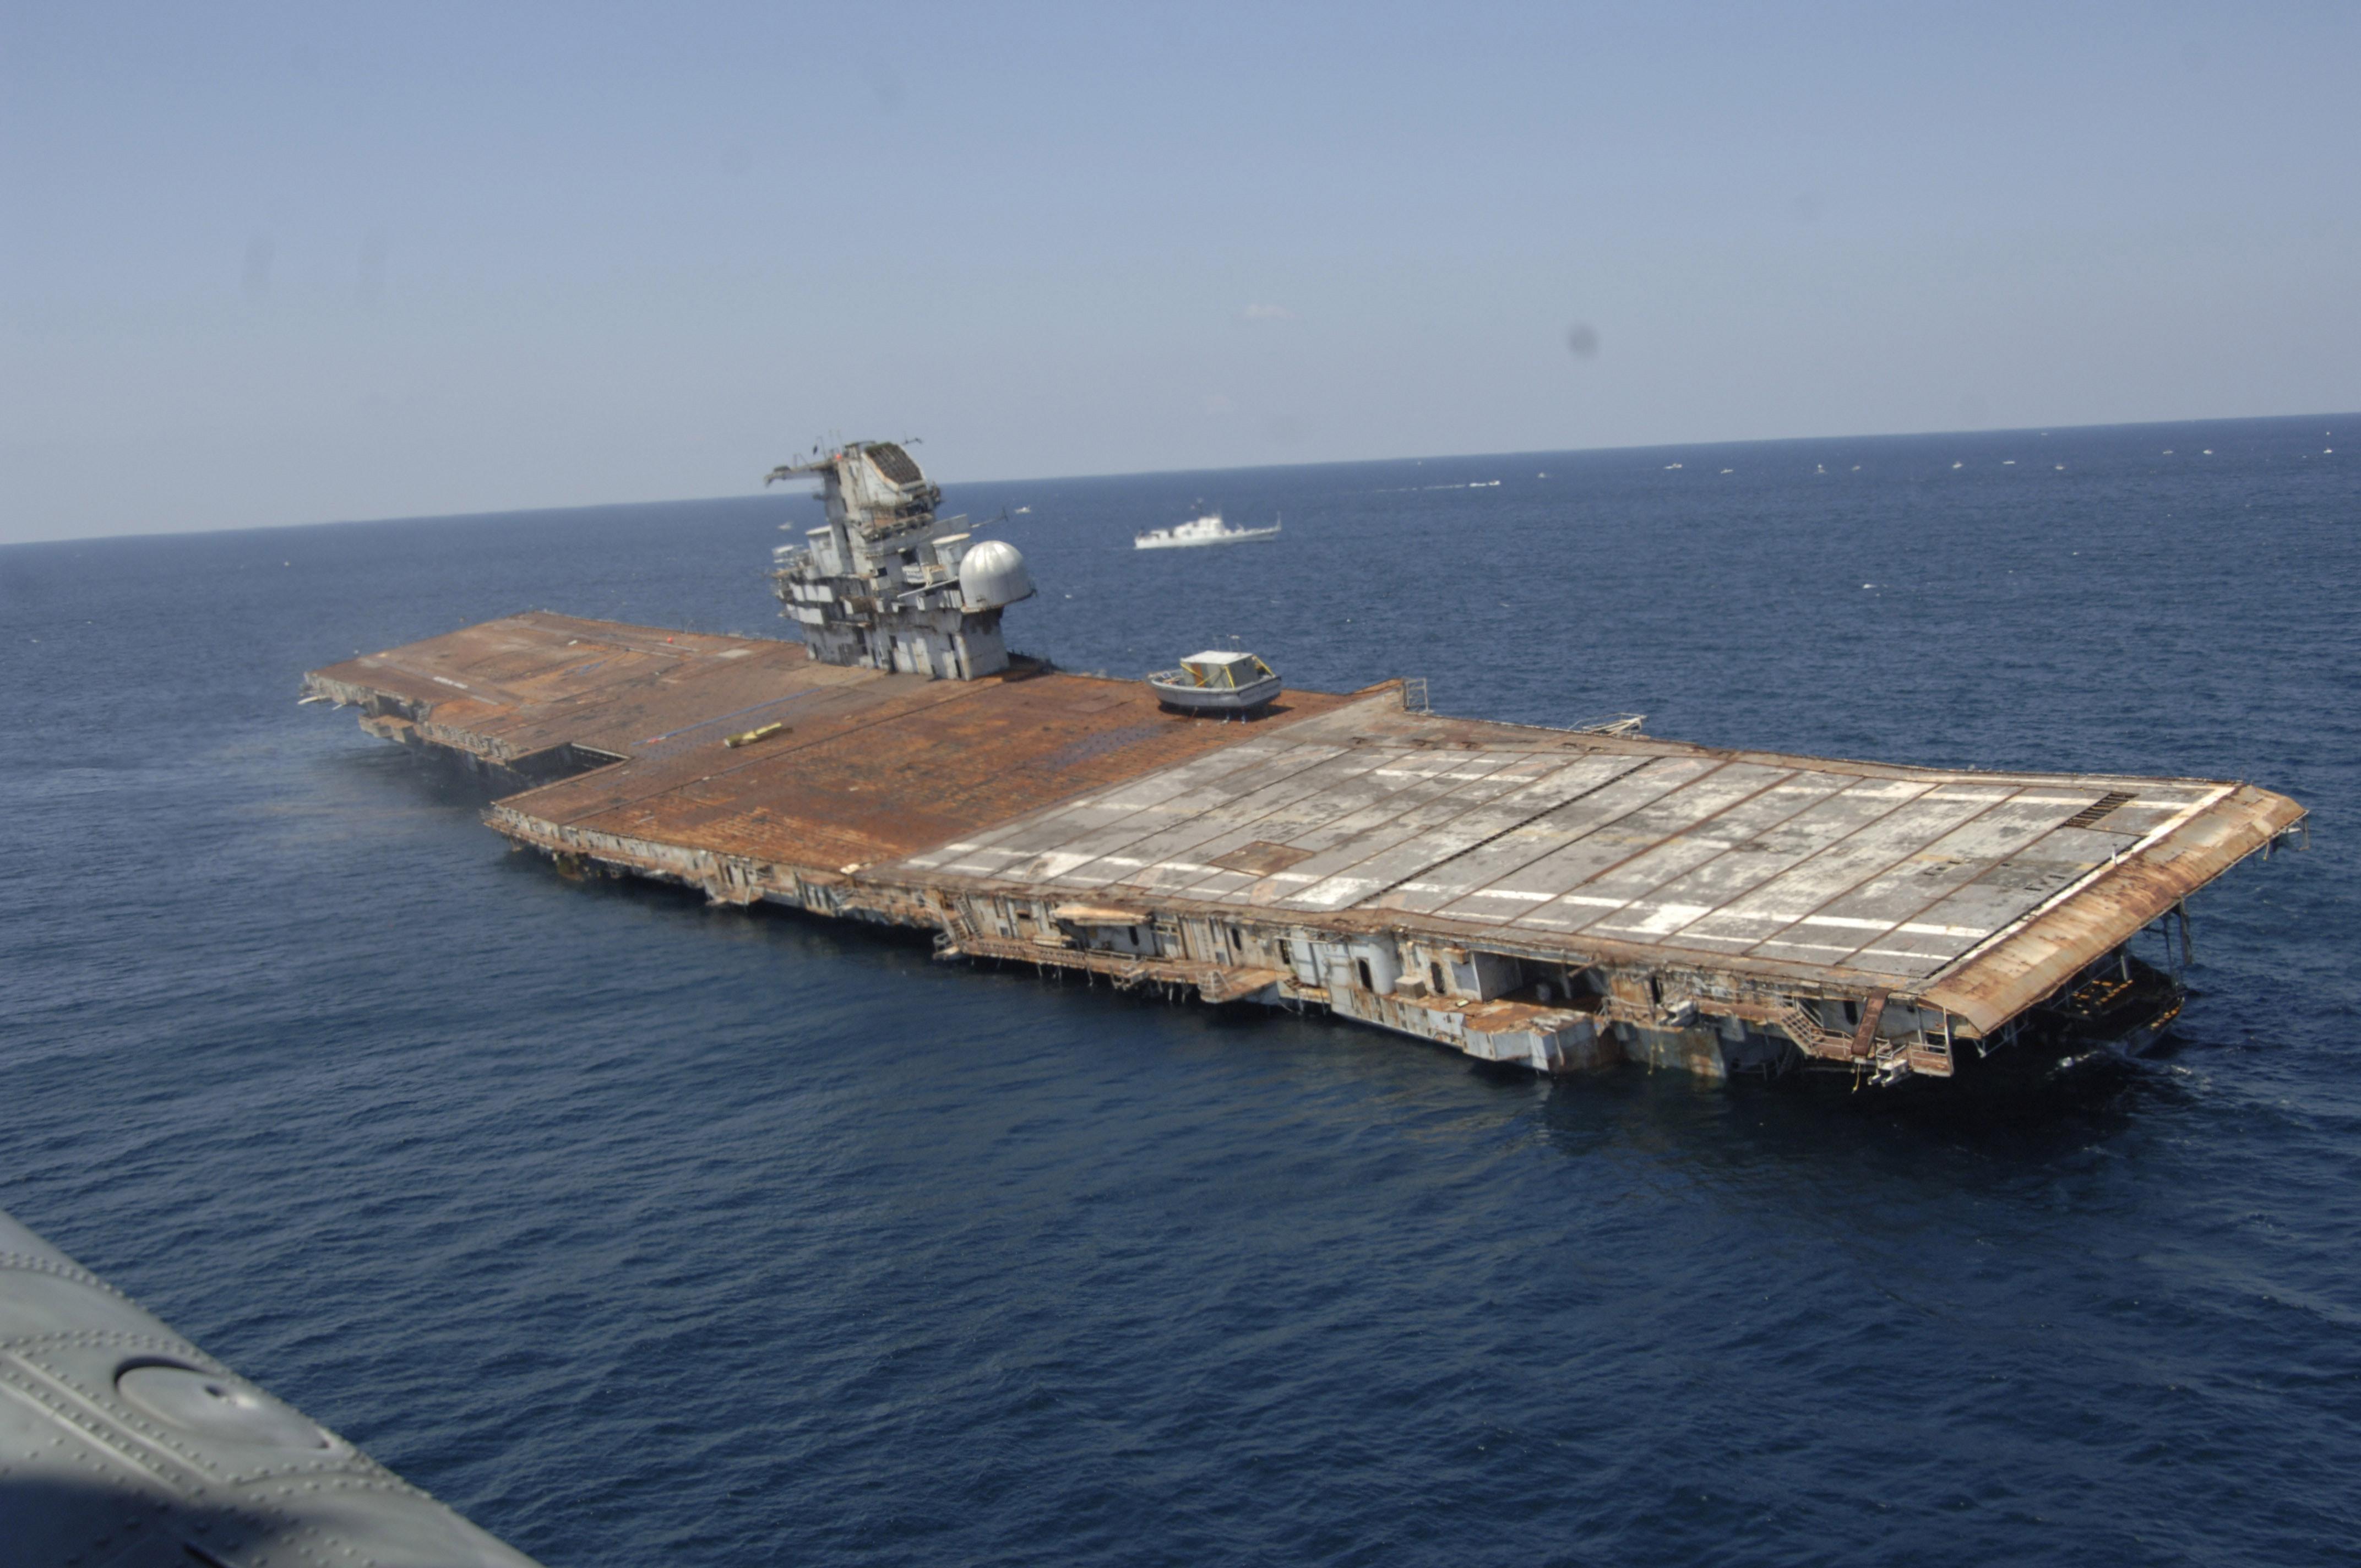 SINKEX | Naval Matters